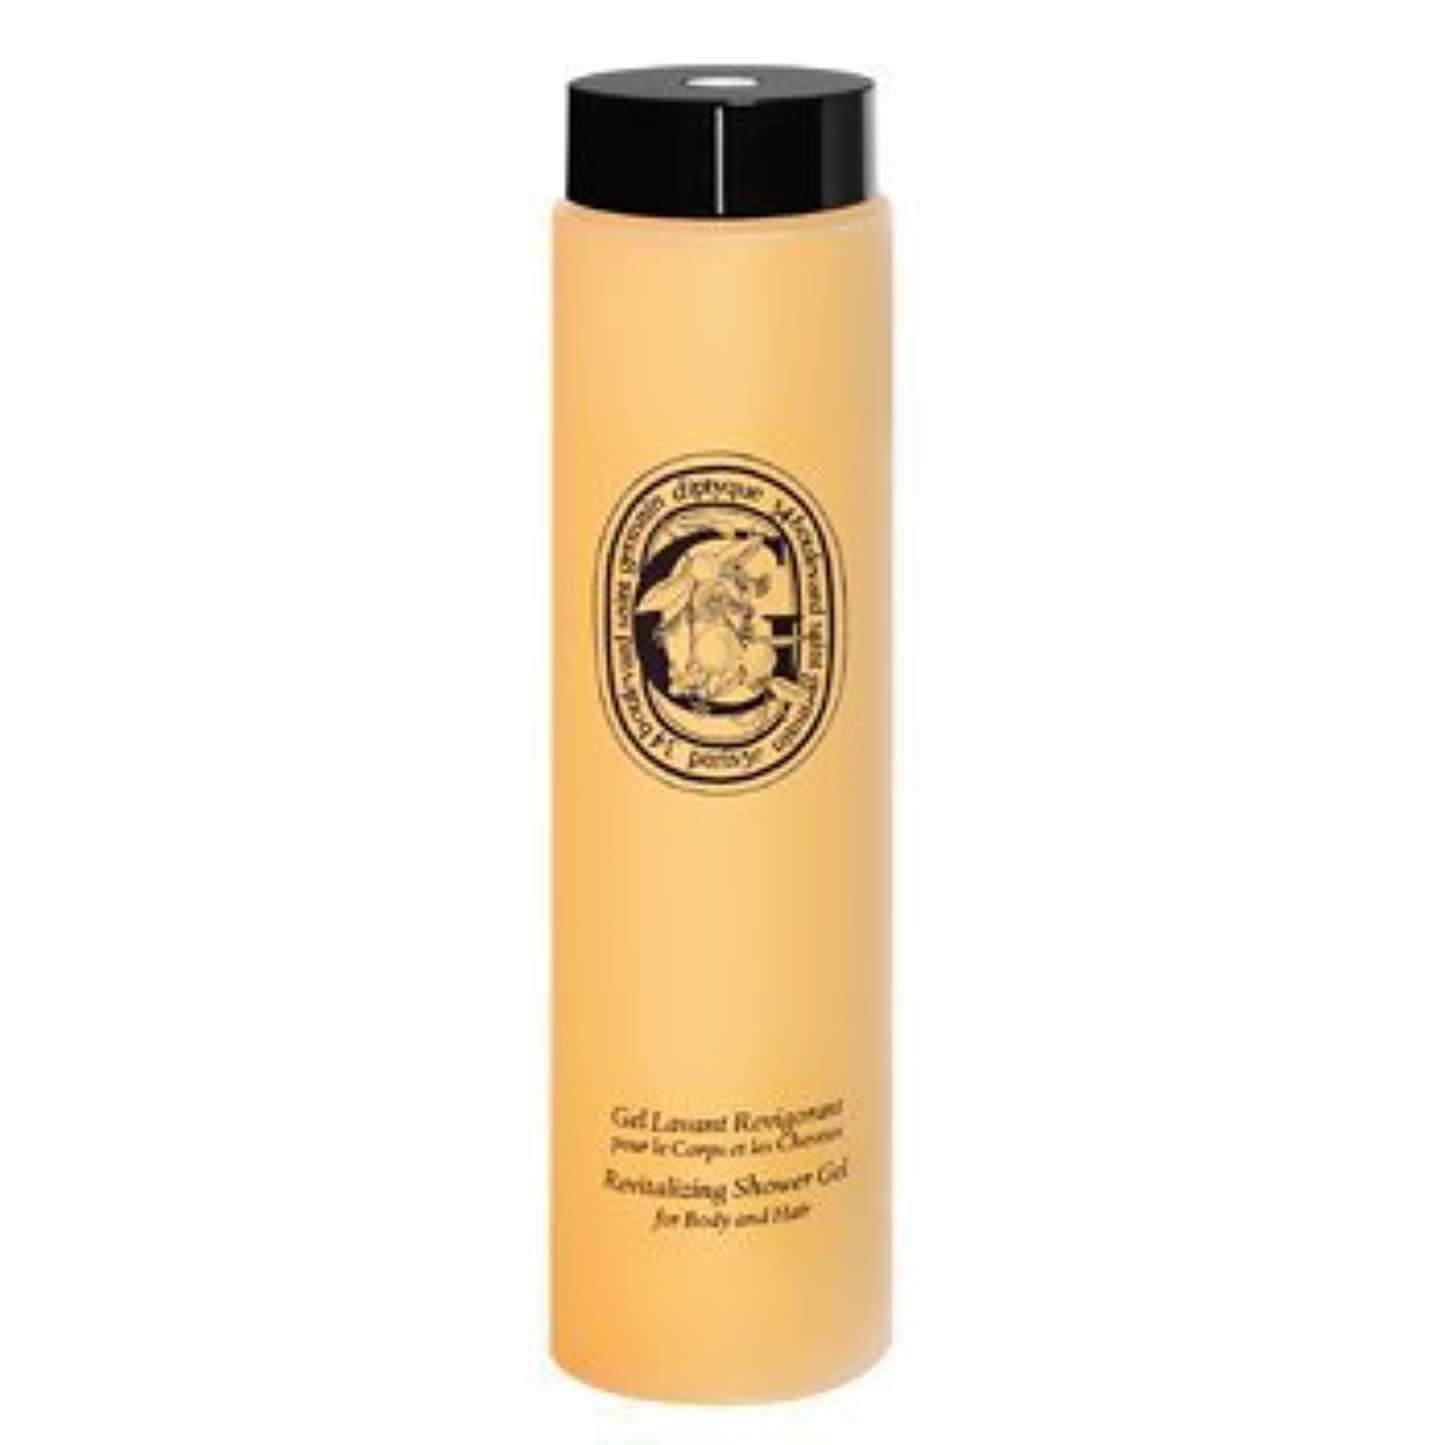 接ぎ木アパートくびれたDiptyque The Art of Body Care Revitalizing Shower Gel Hair & Body-6.8 oz by Diptyque [並行輸入品]